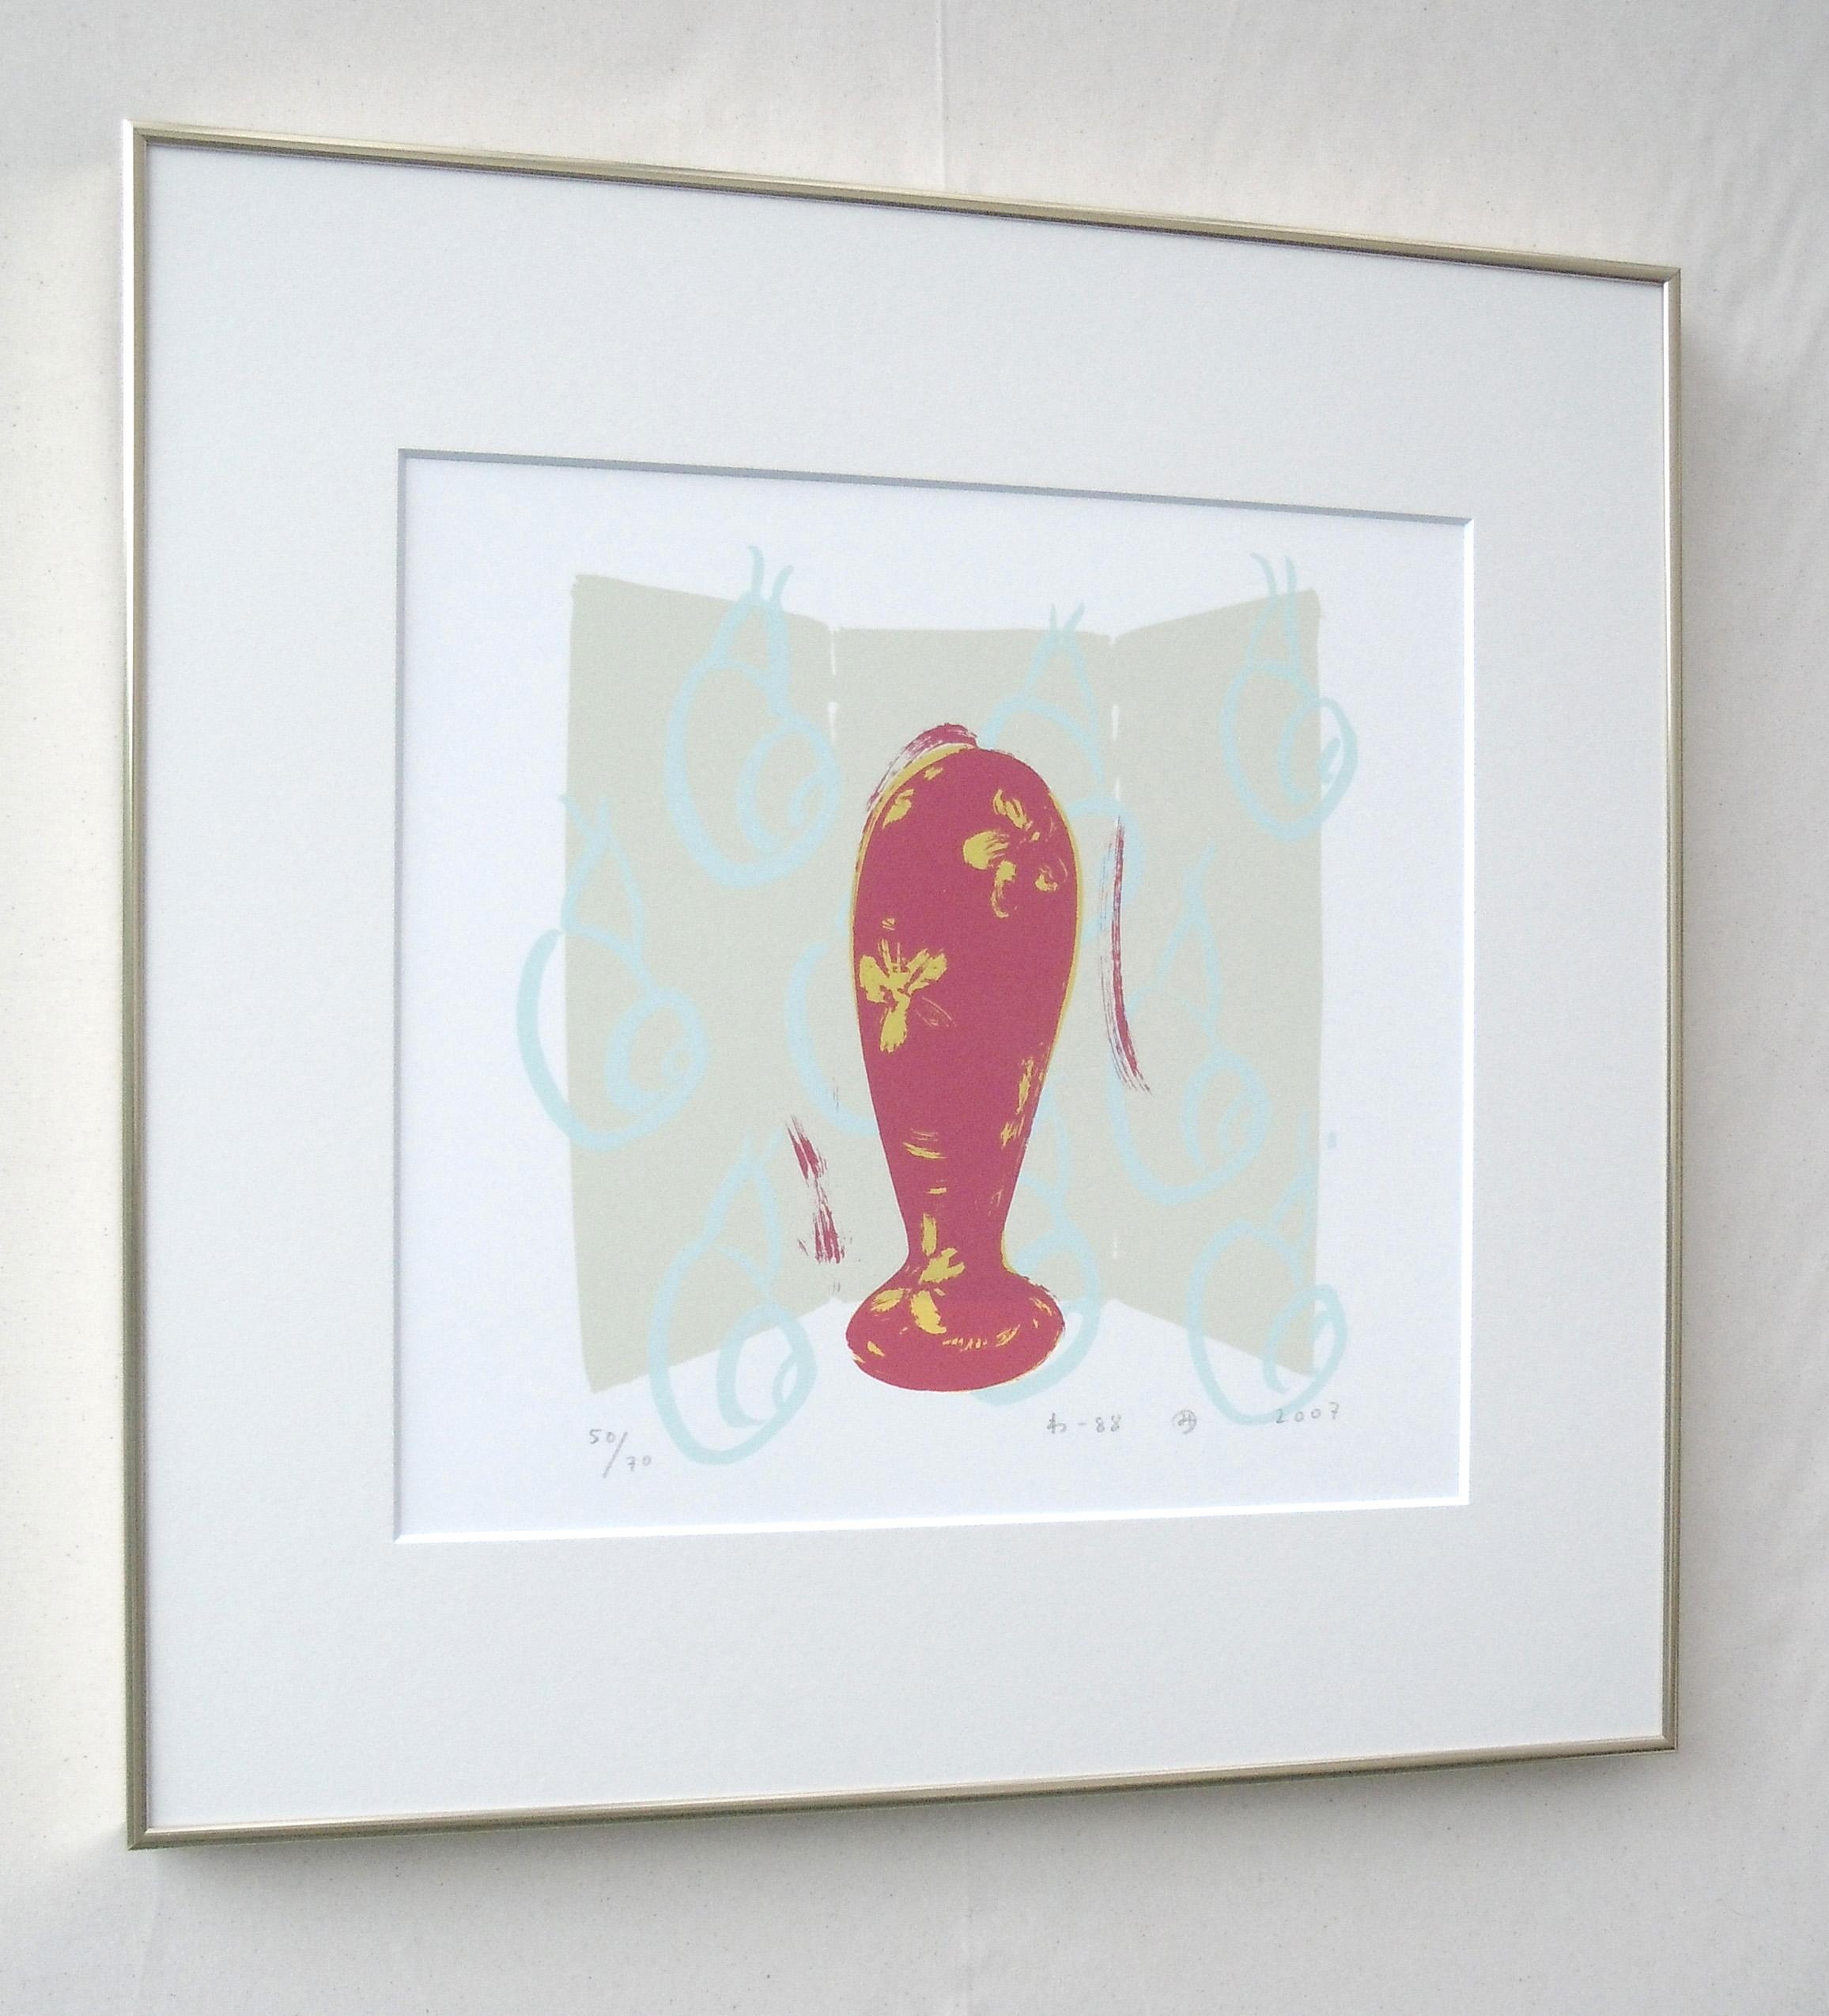 【著名アーティストシルクスクリーン版画作品】吉澤美香「わー88」(蝸牛)